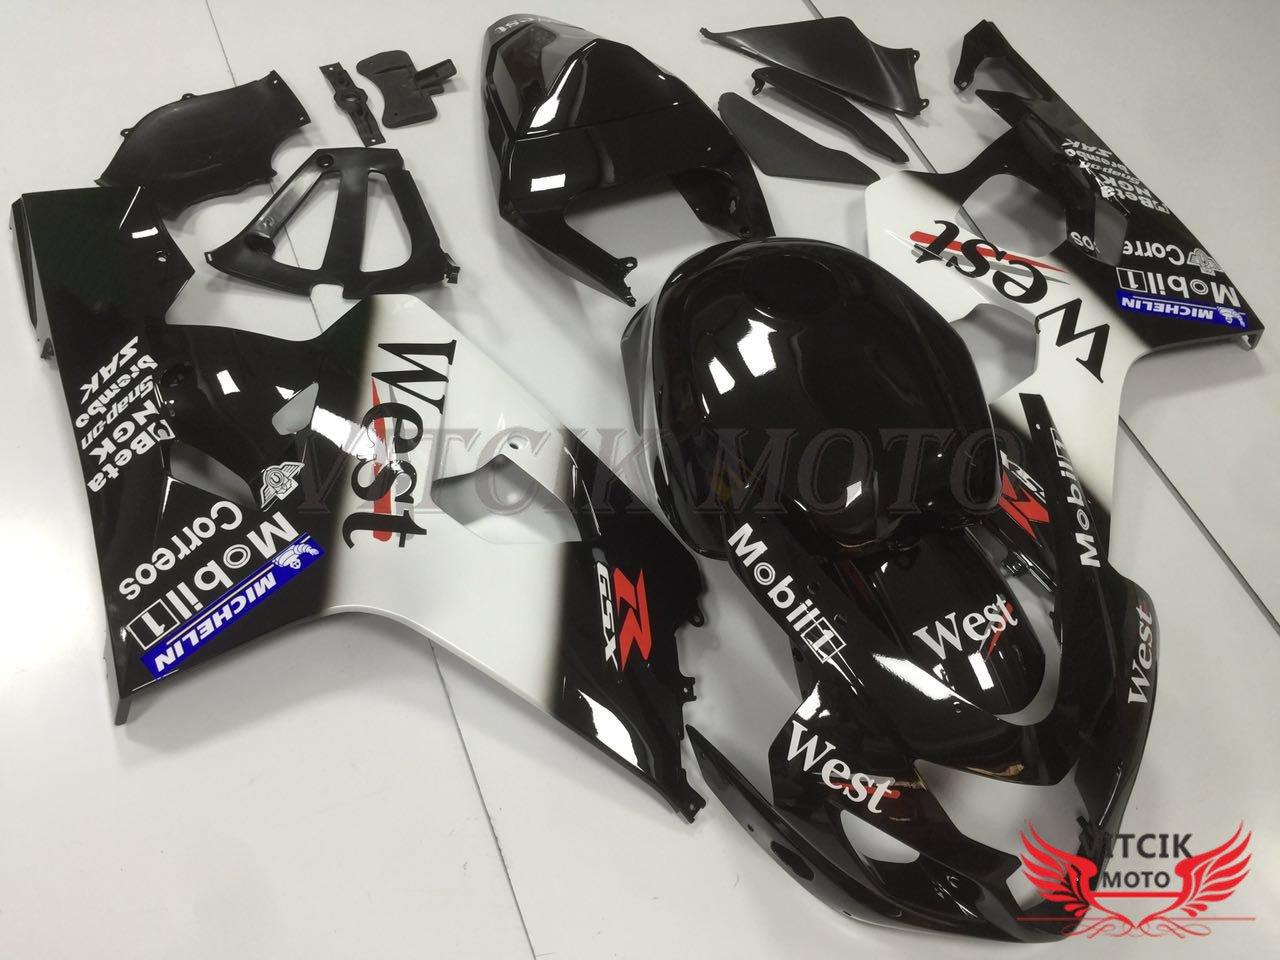 VITCIK (Kit de Carenado para GSX-R750 GSX-R600 K4 2004 2005 GSXR 600 750 K4 04 05) Accesorios de Repuesto para Bastidor y carrocería con(Negro & Blanco) ...